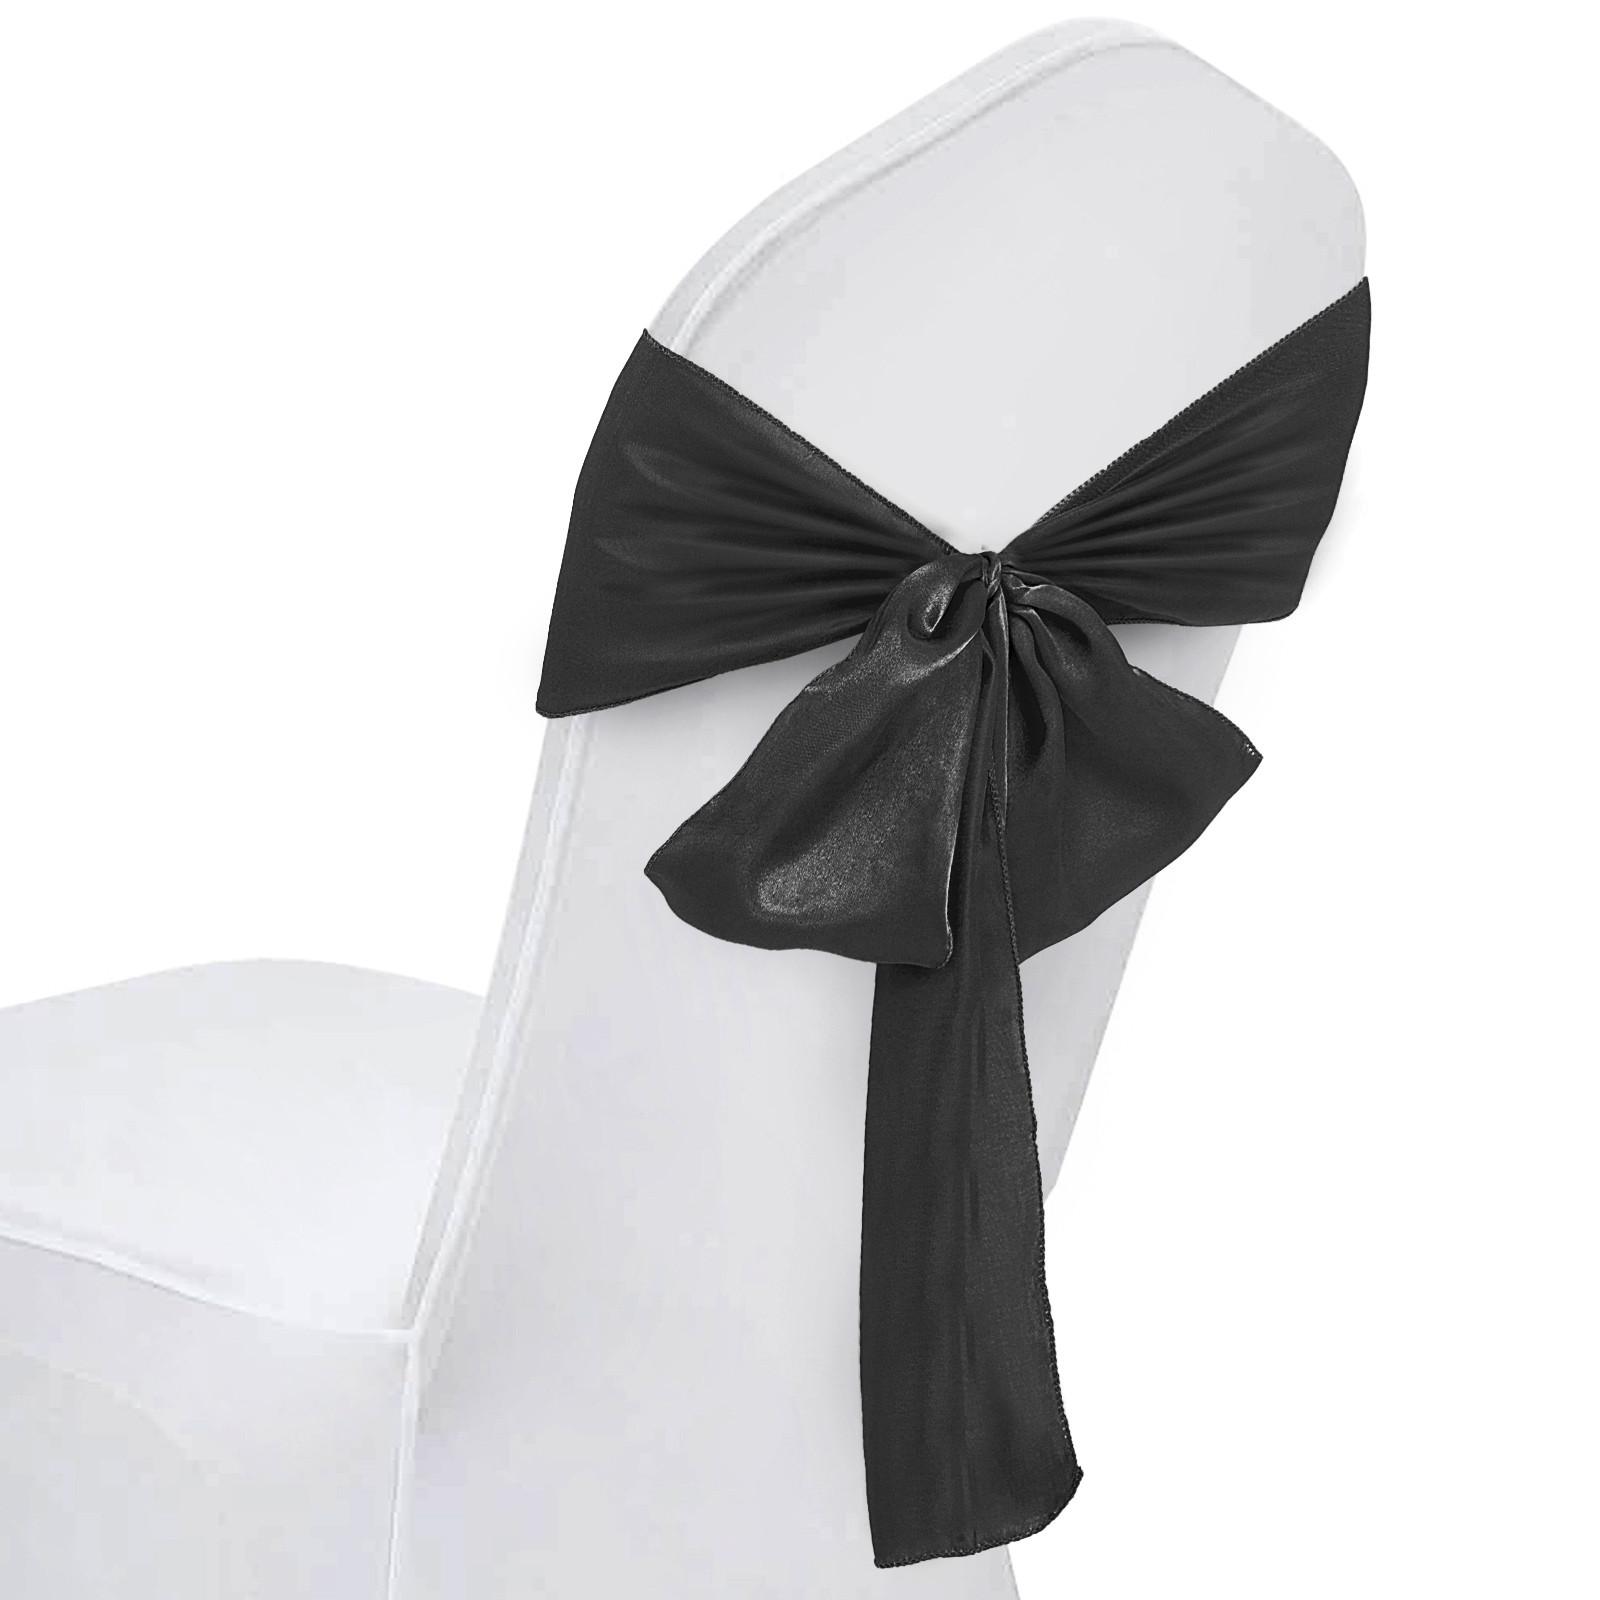 100PCS-Ruban-Noeud-de-Chaise-Housse-Echarpe-Decoration-Fete-Mariage-Restaurant miniature 86